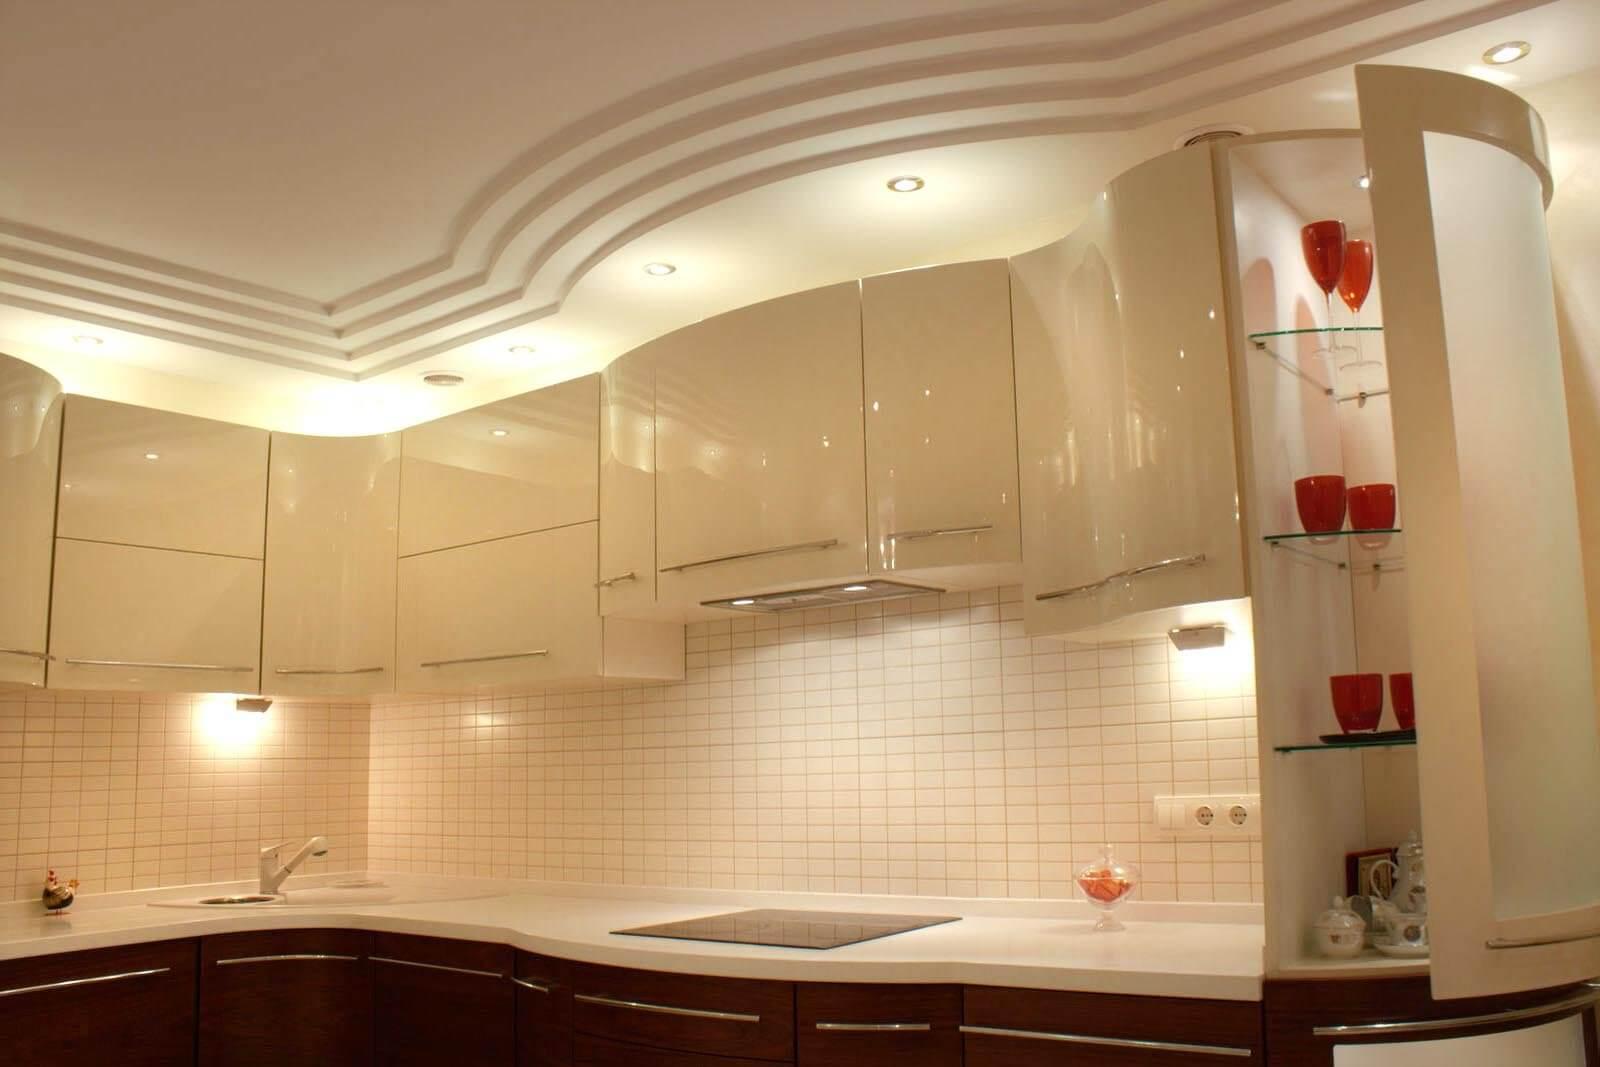 оригинальный потолок из гипсокартона на кухне фото